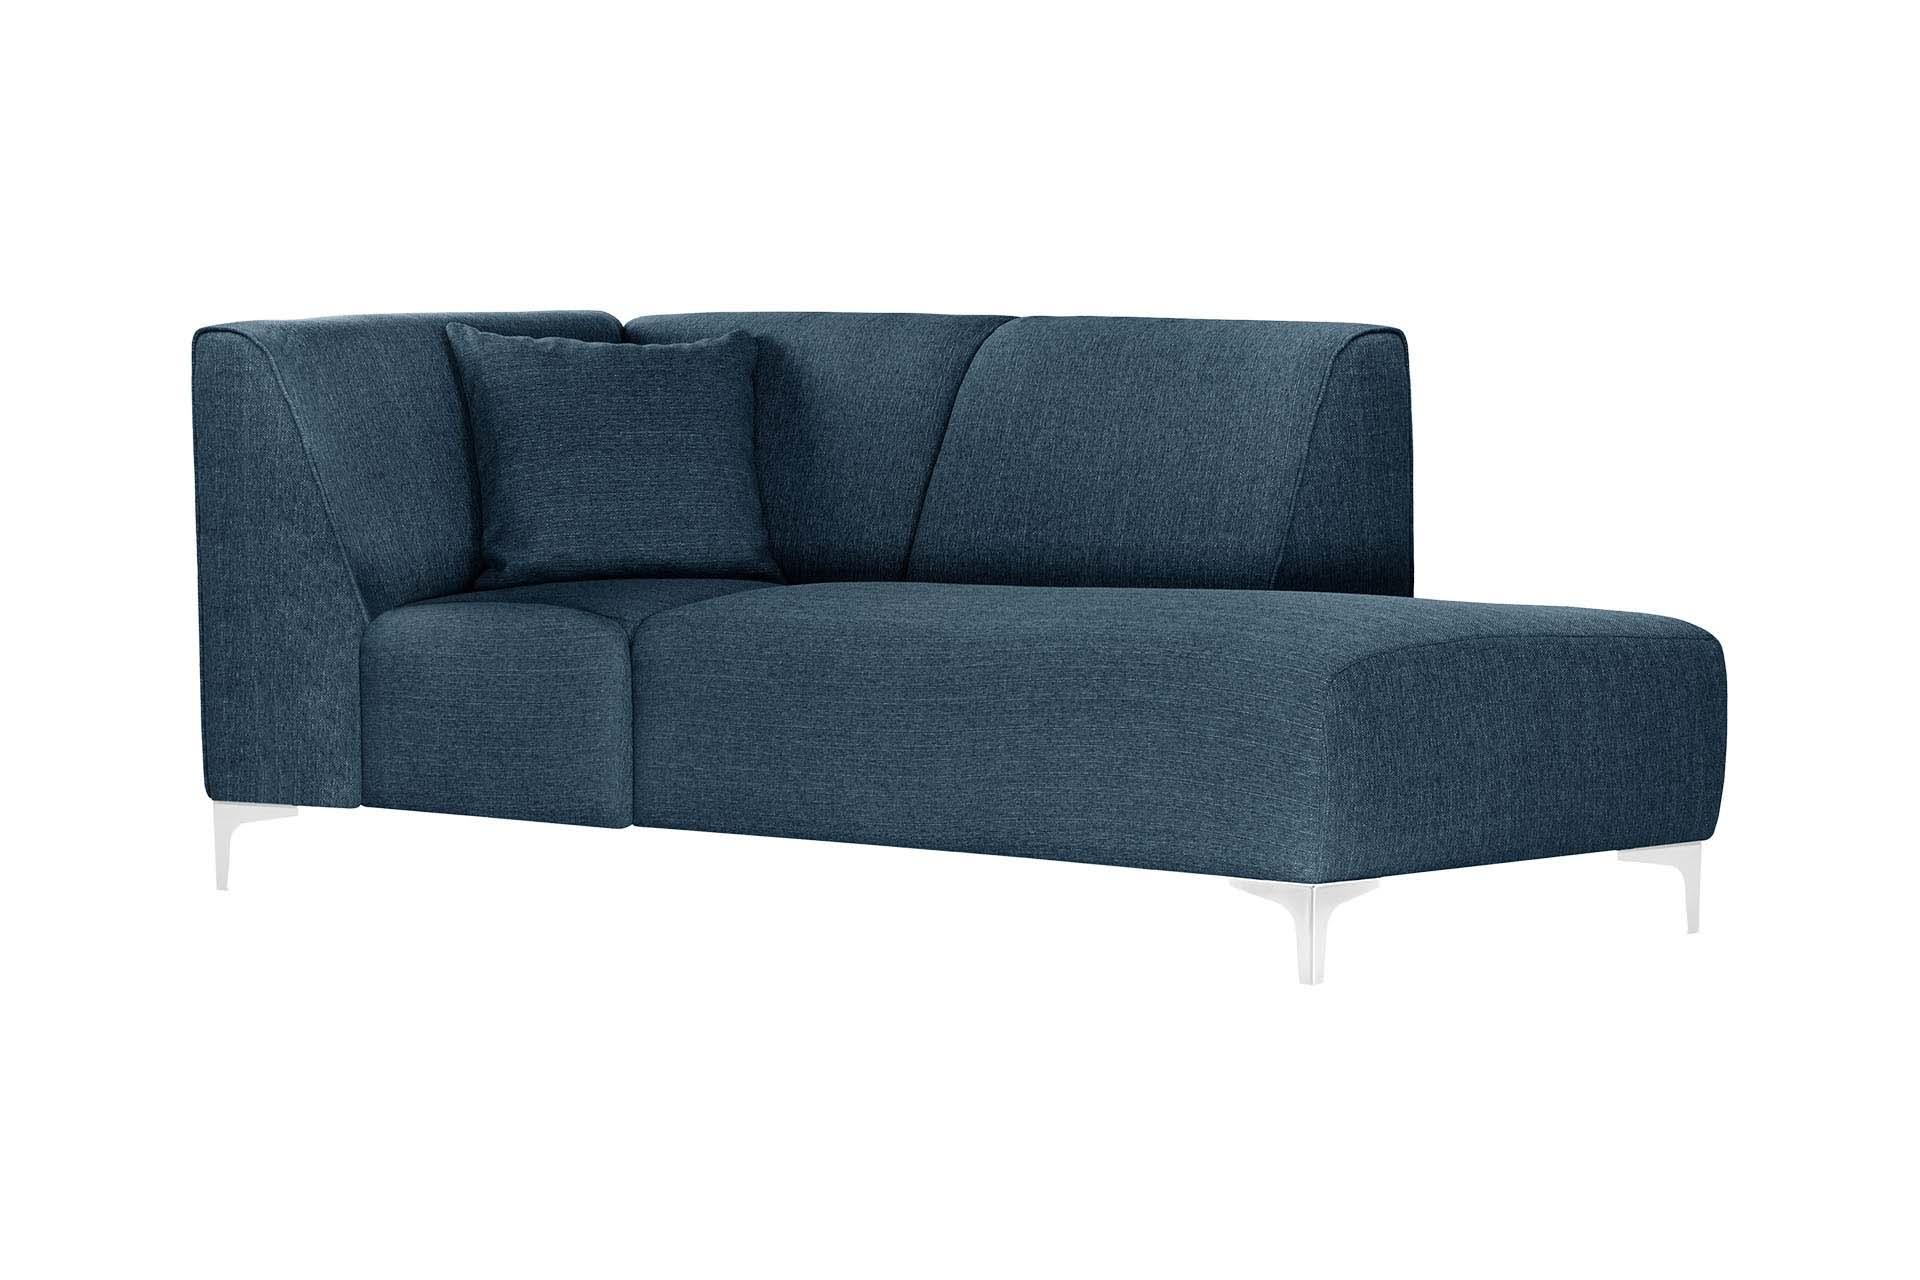 Méridienne d'angle droit 1 place toucher lin bleu jeans